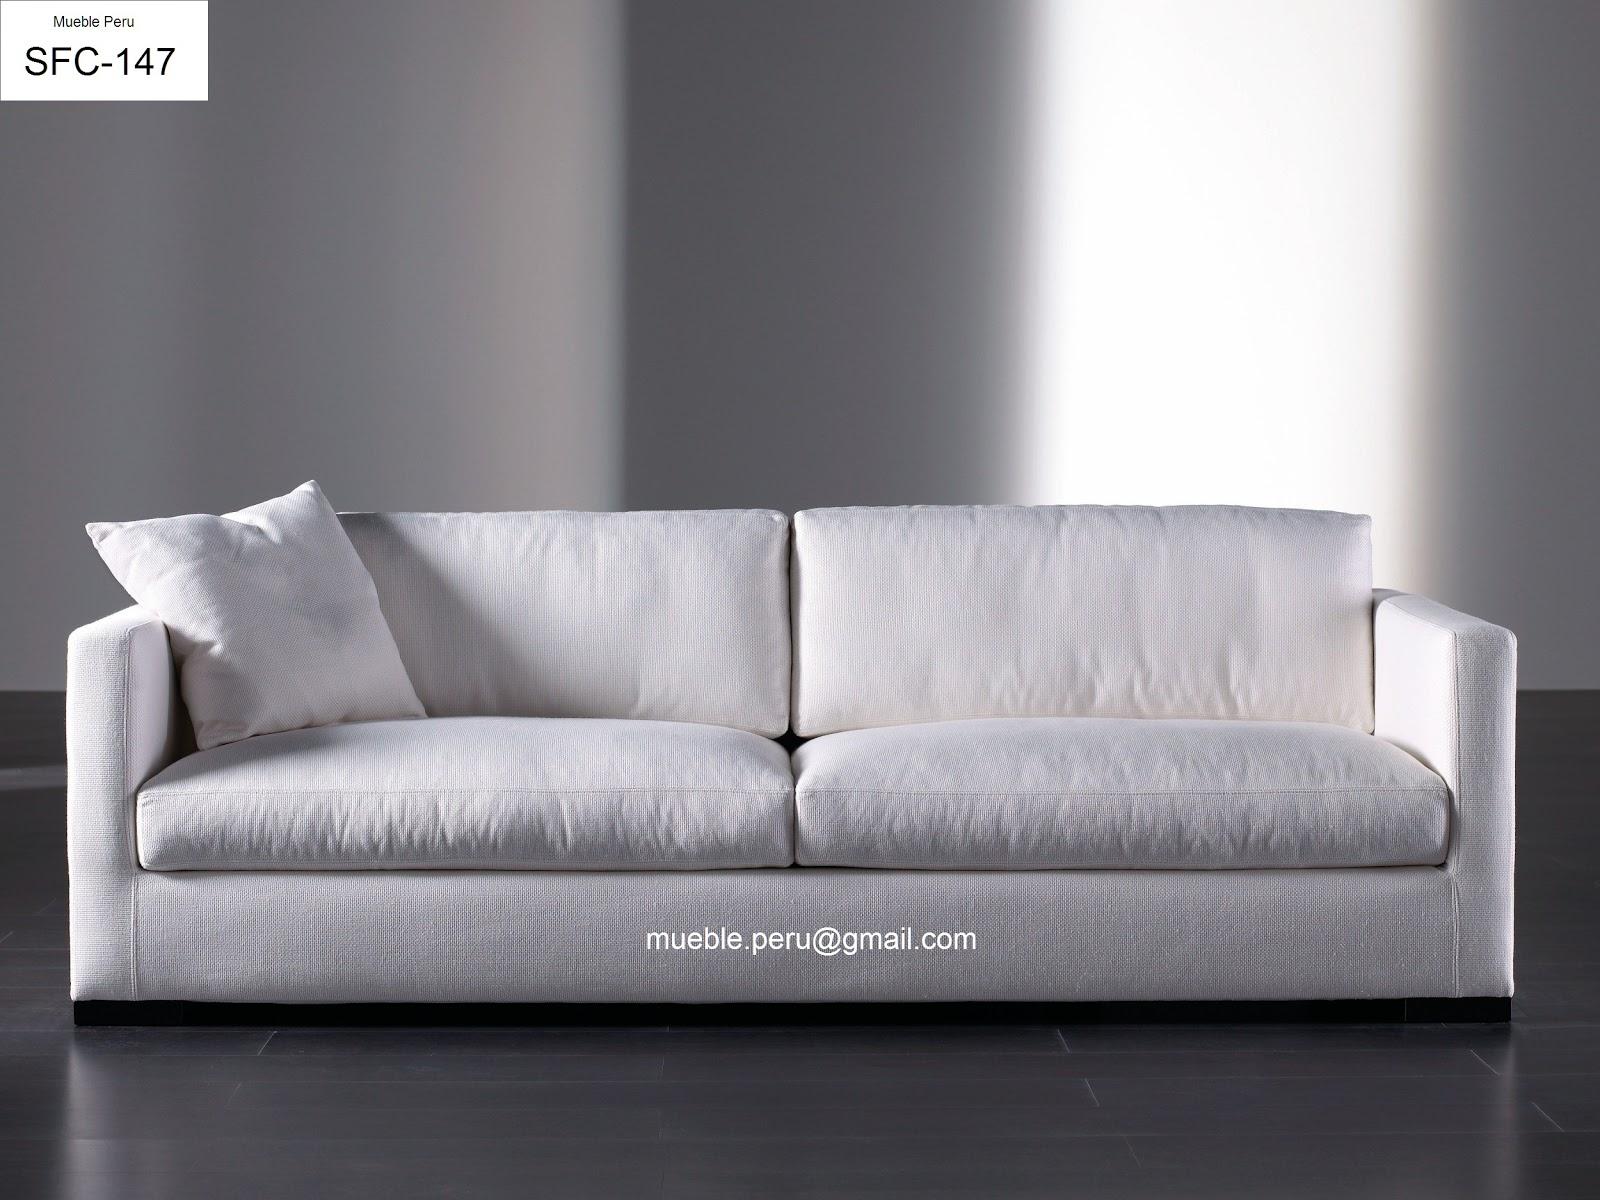 Muebles pegaso modernos sof s cama de dise o gratisss for Sofa cama diseno moderno